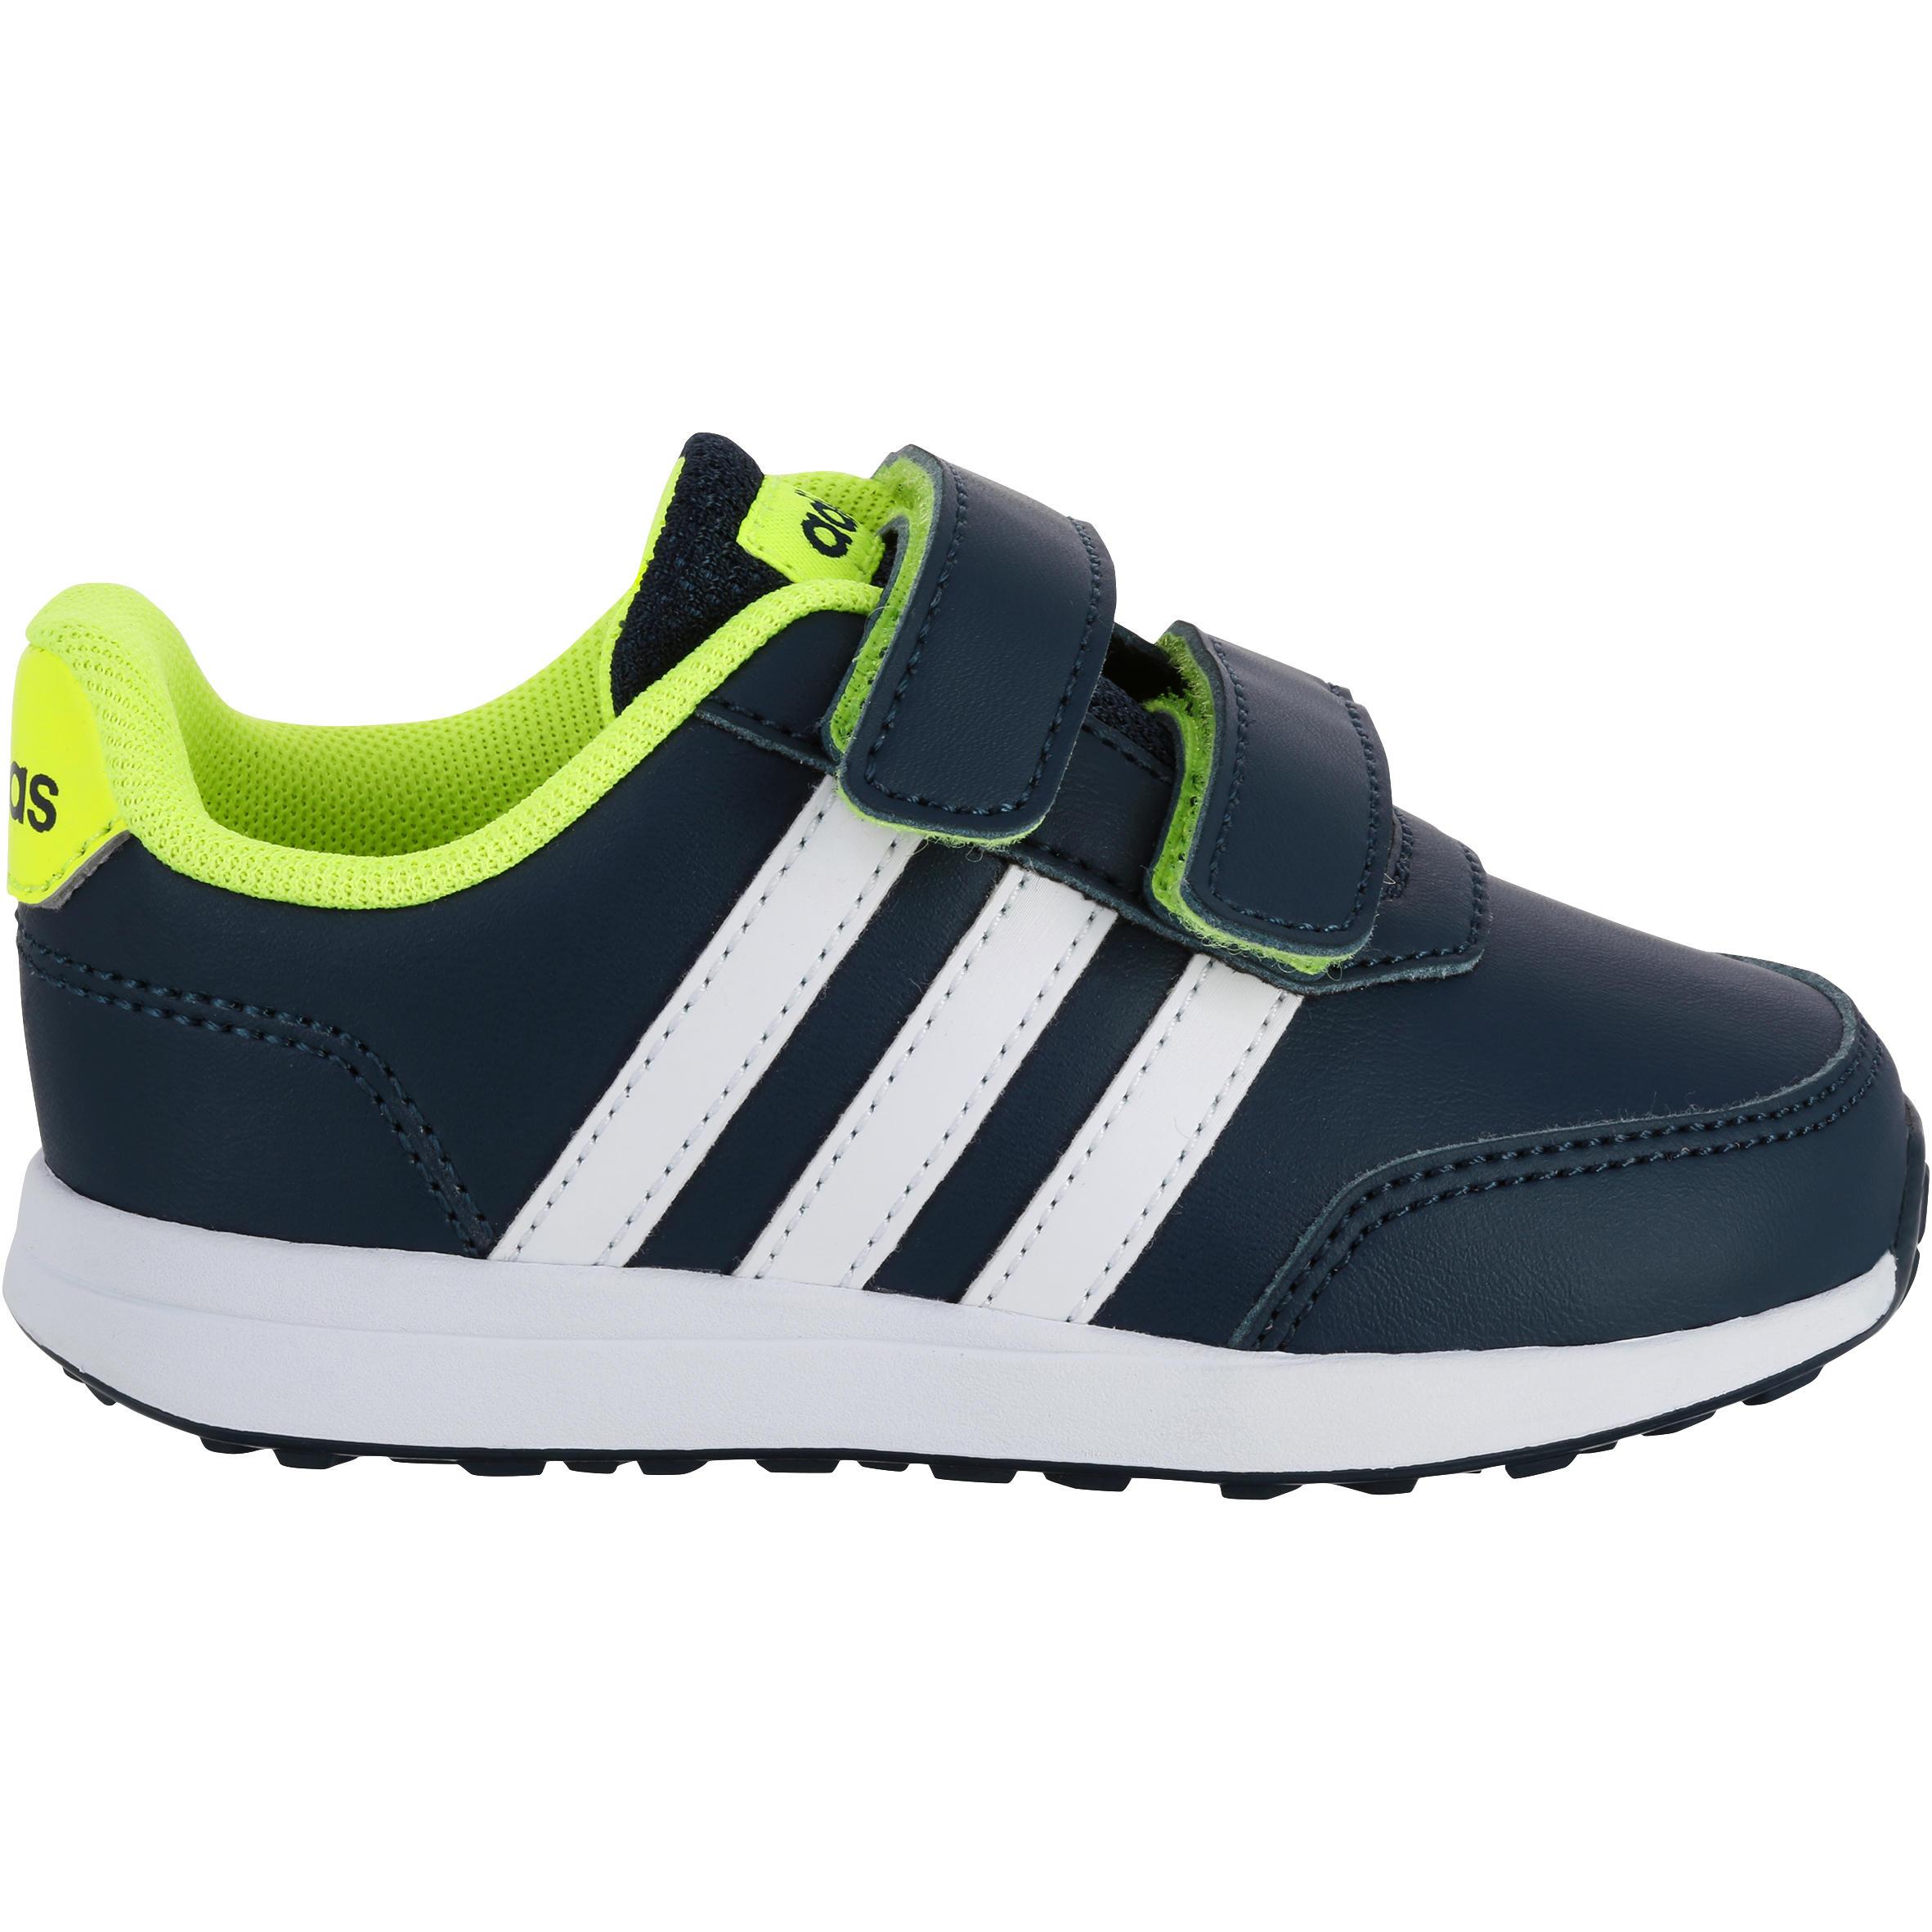 Babyschoentjes voor jongens blauw